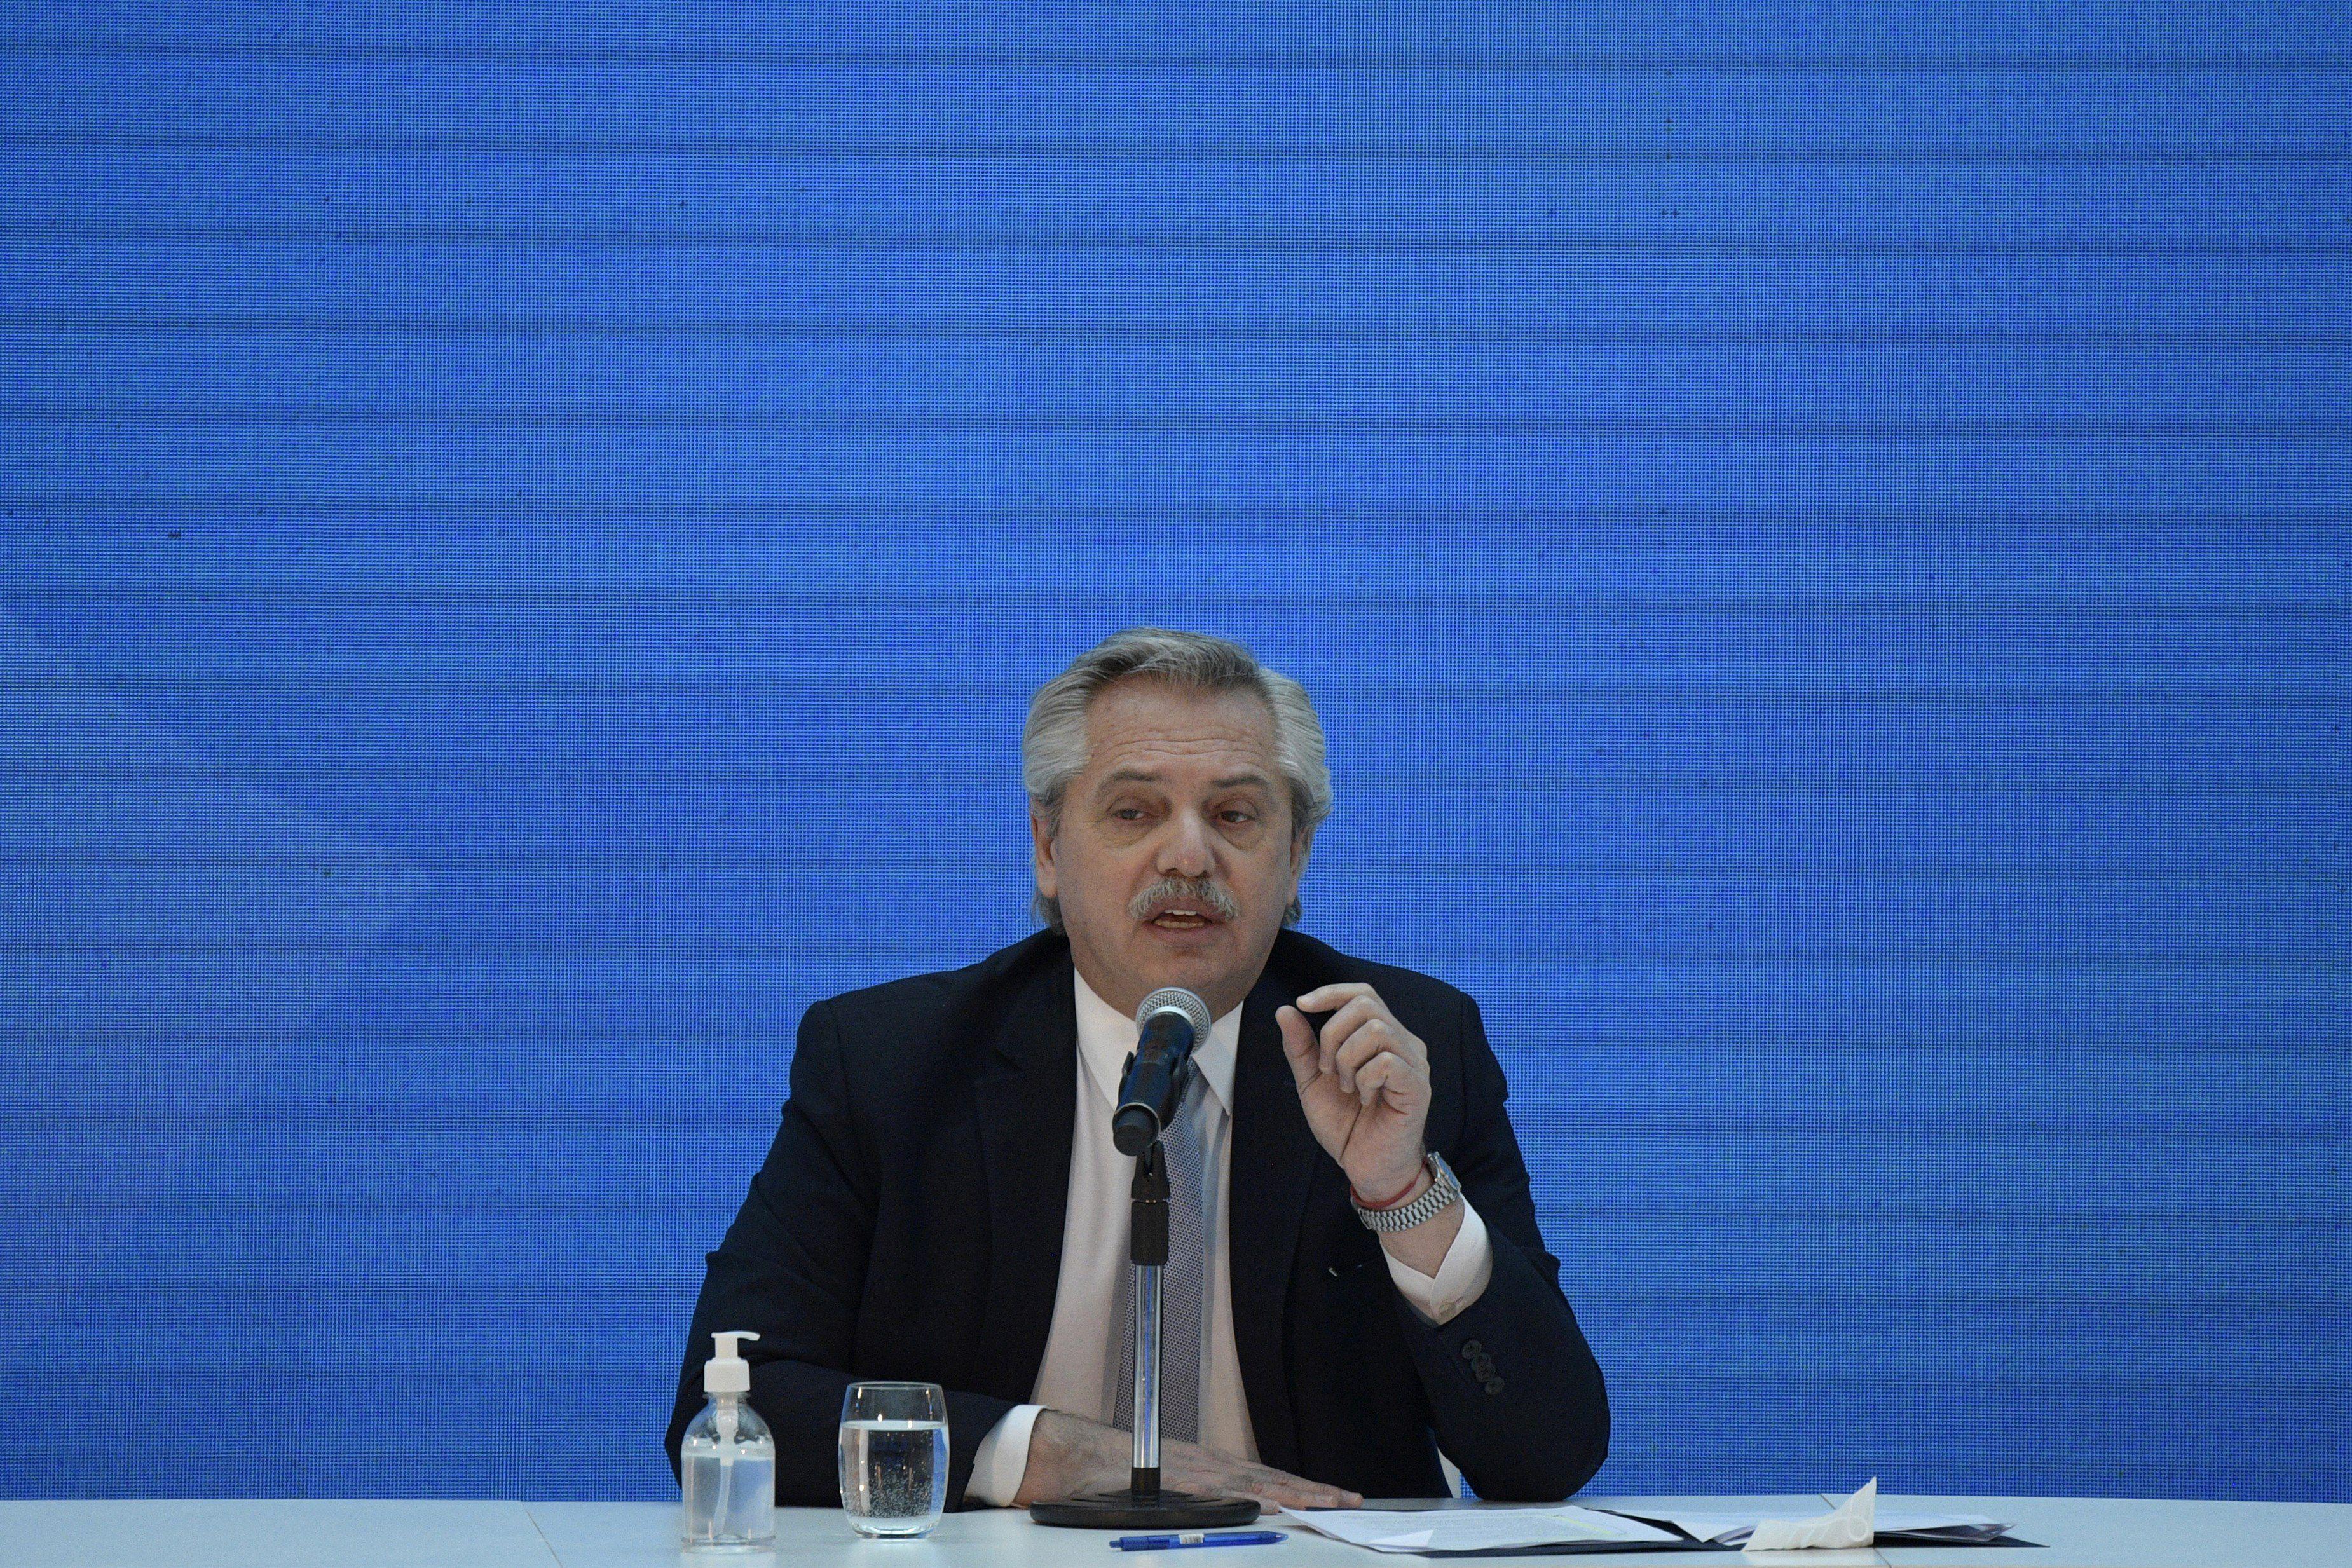 Alberto Fernández hizo alusión a la importancia de la unidad dentro del peronismo ( 2020 POOL / POOL)